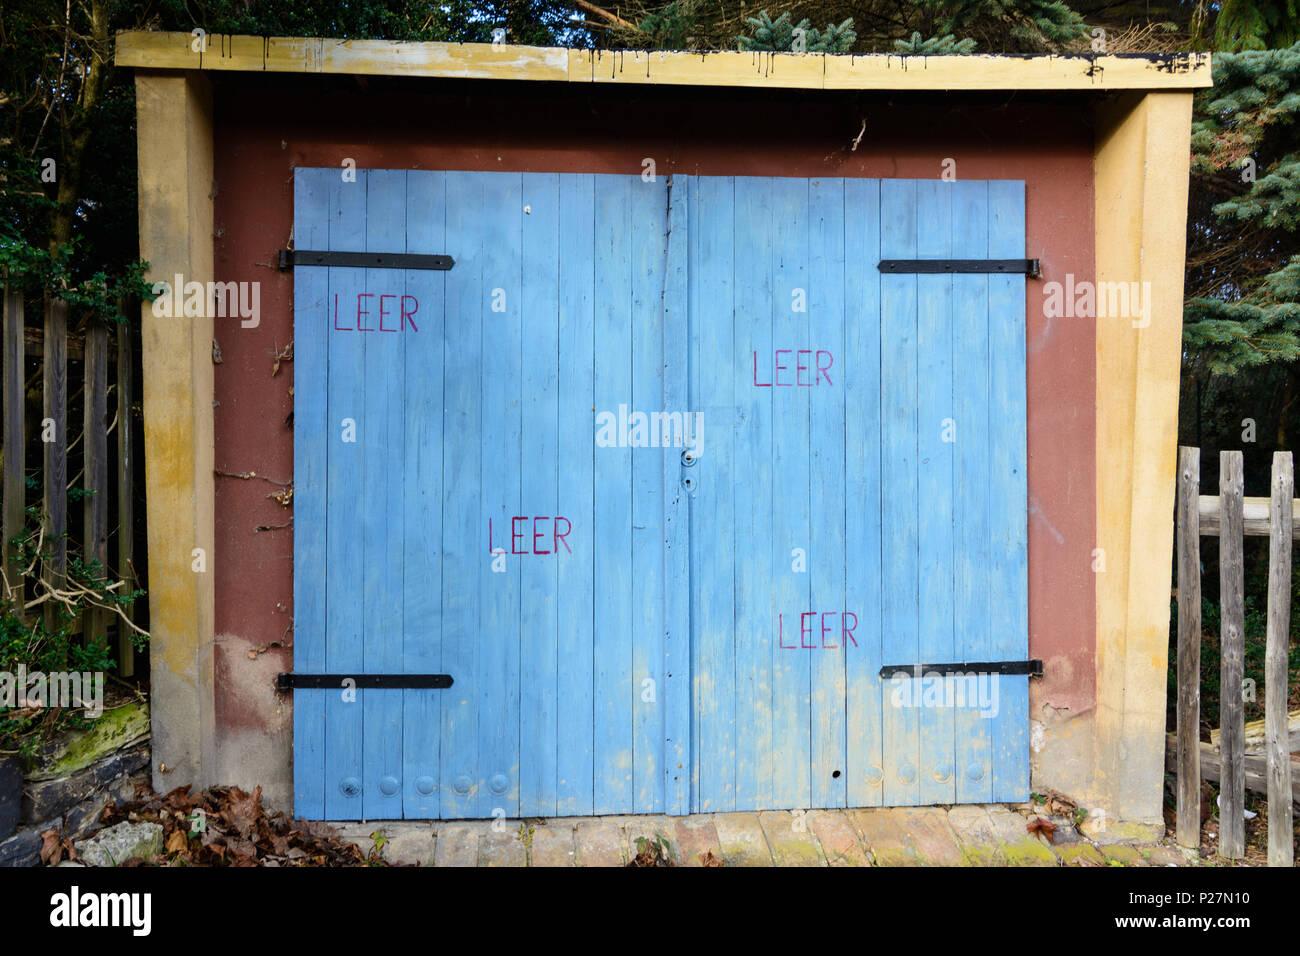 Dresden, garage door lettered 'leer' to deter theft, Saxony, Germany - Stock Image